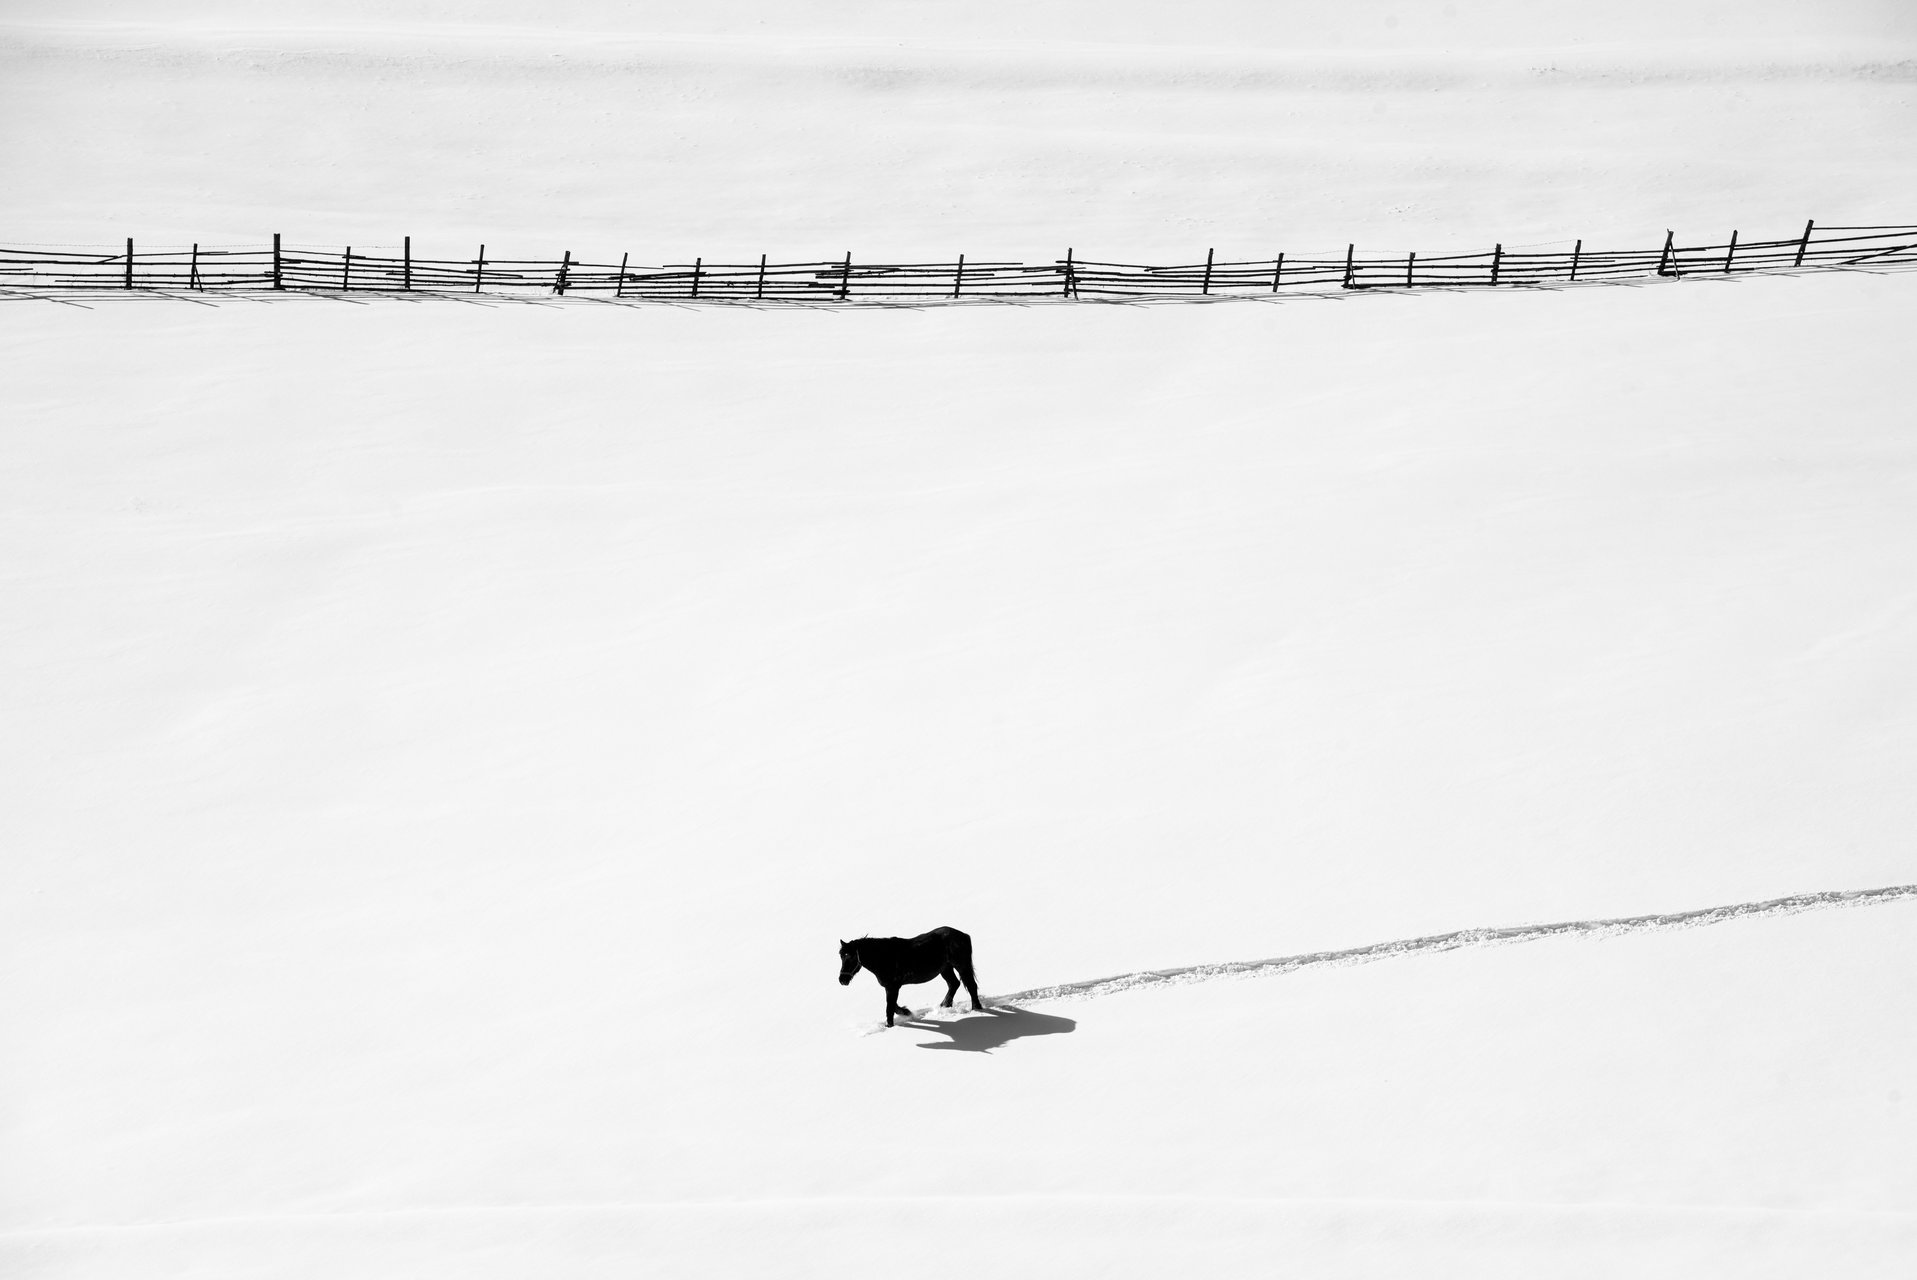 Зимна разходка | Author non40 | PHOTO FORUM